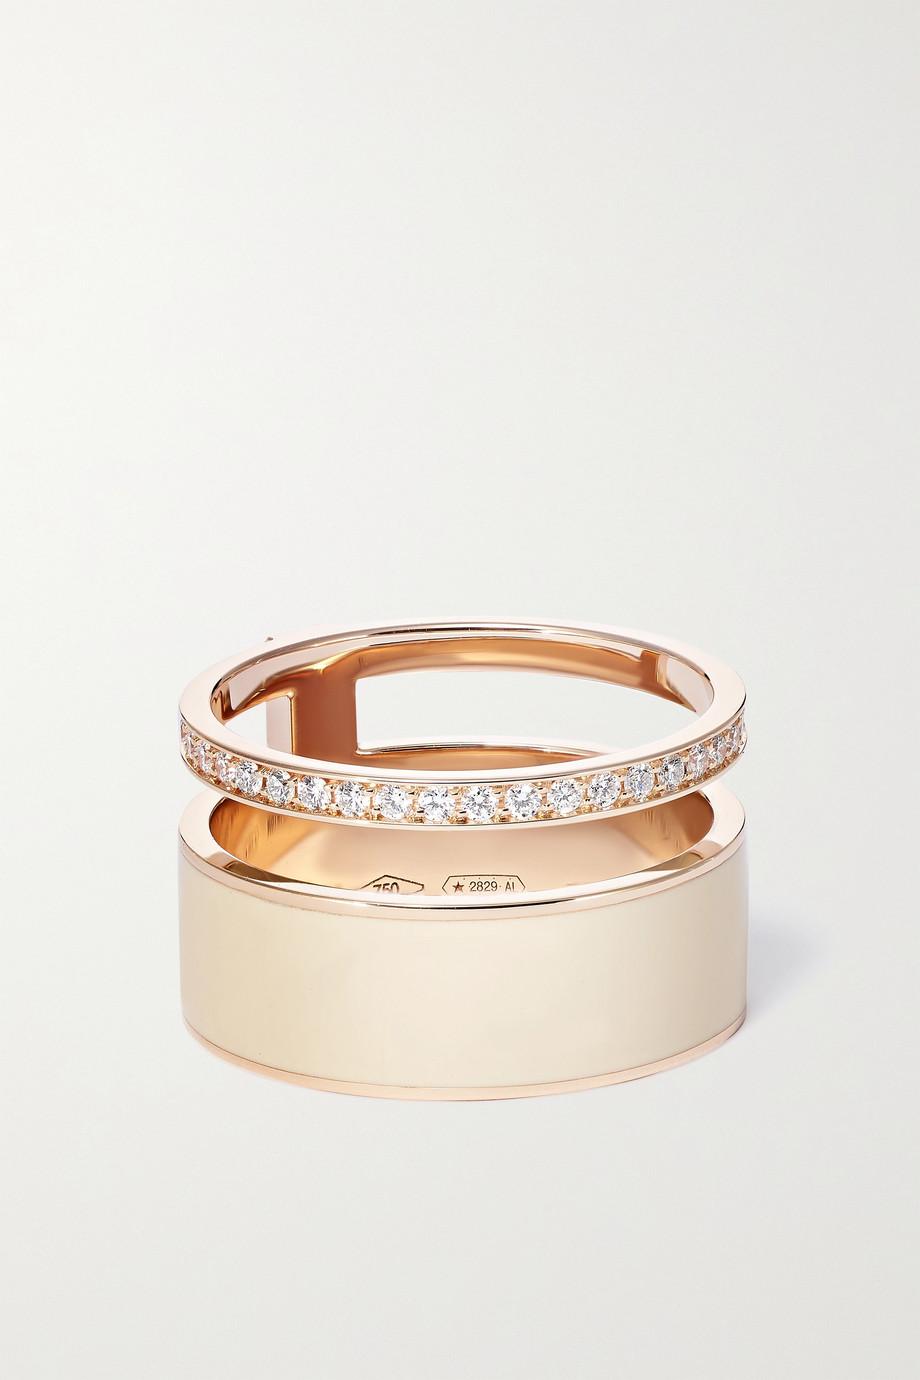 Repossi Berbere 18-karat rose gold, enamel and diamond ring